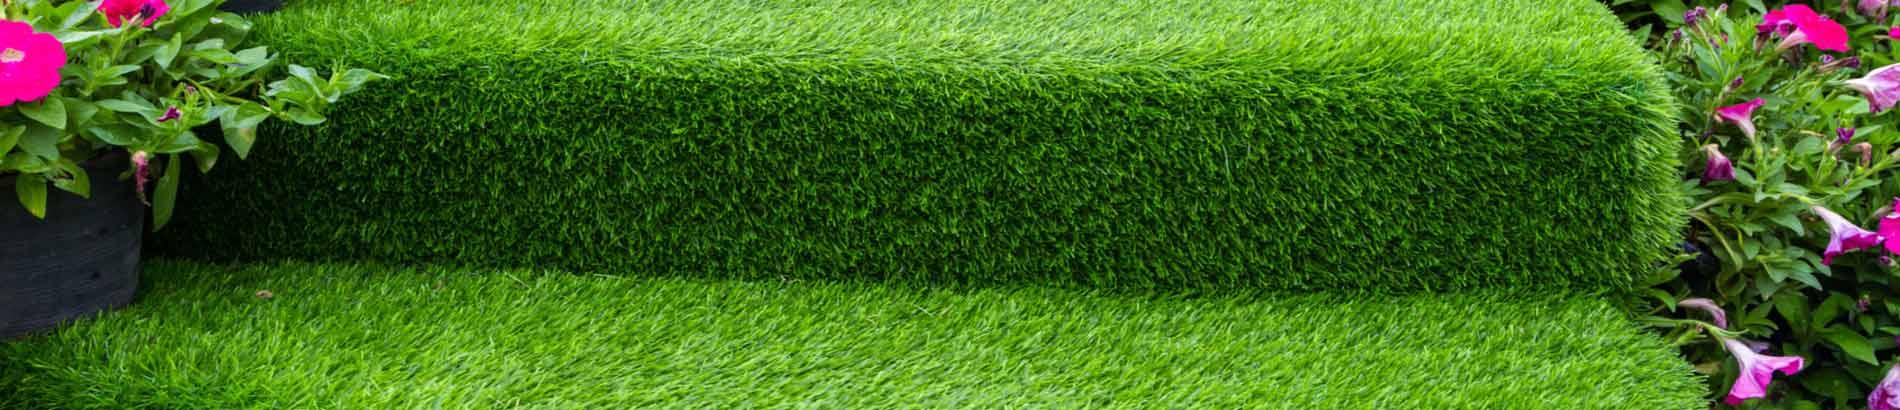 Sichtschutz Gartengestaltung Zubehör Haus Und Garten Shop